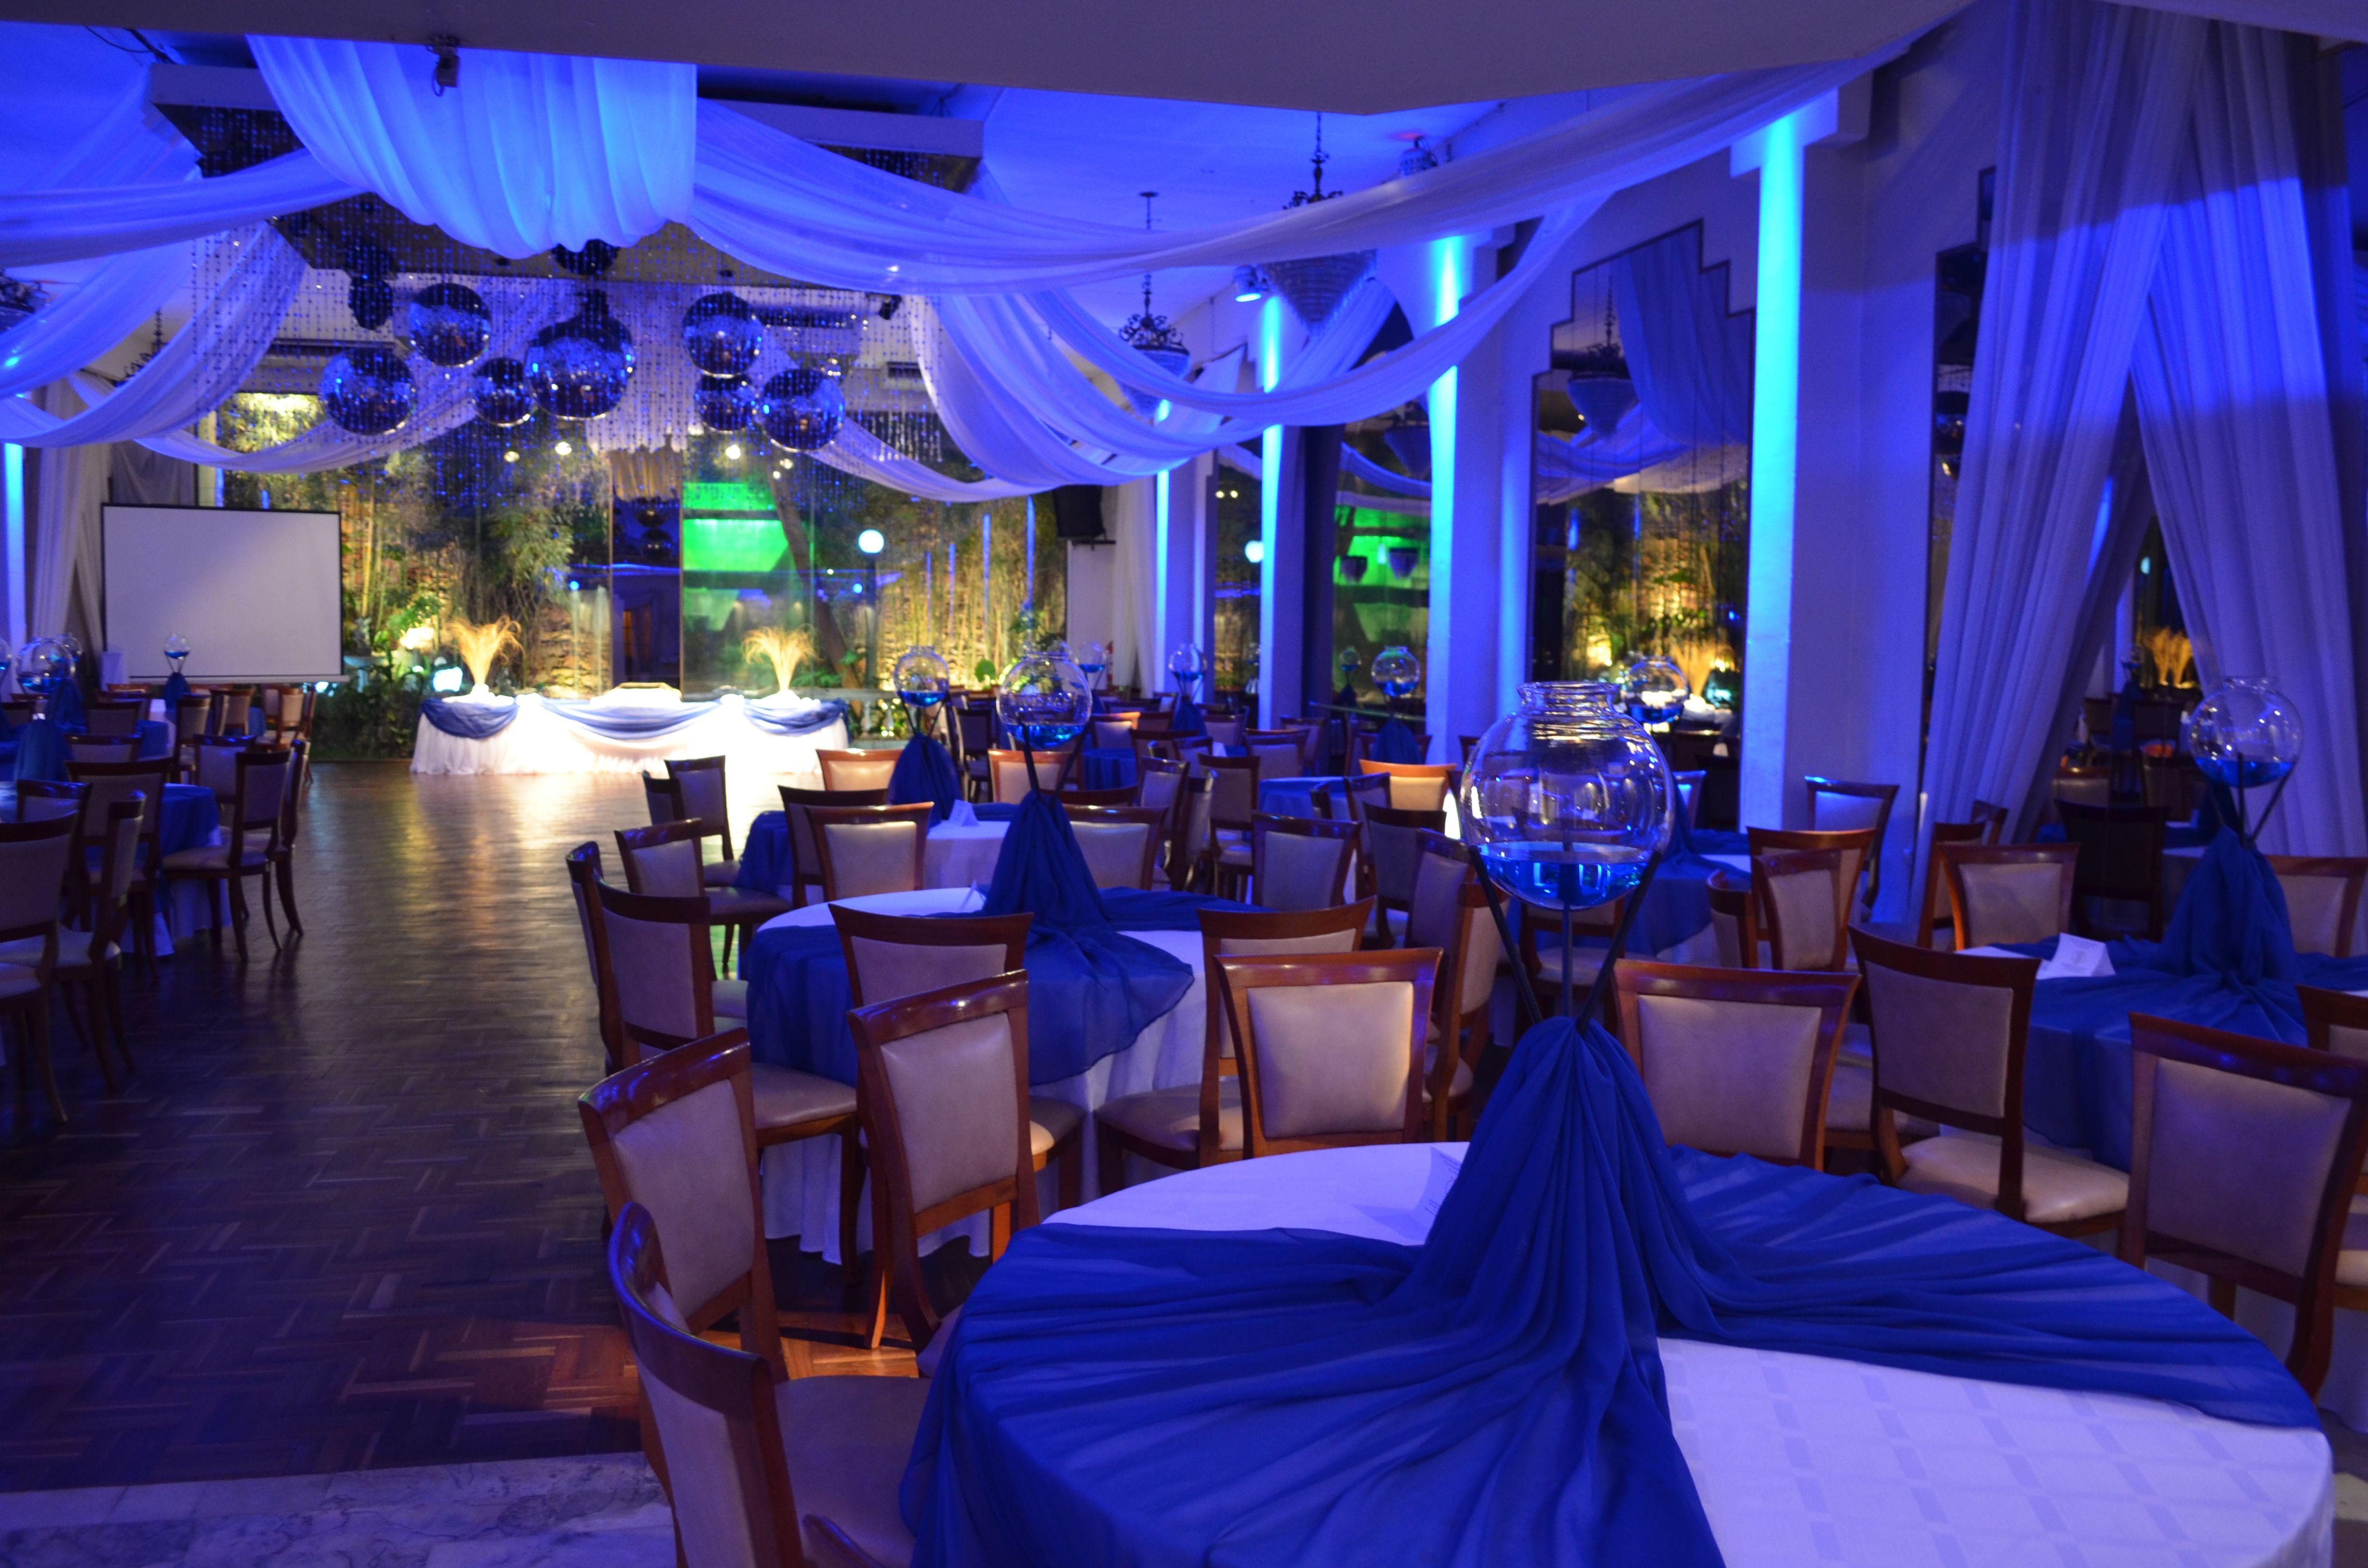 Sal n para fiestas jardins de bagatelle bodas y eventos for Bagatelle jardin